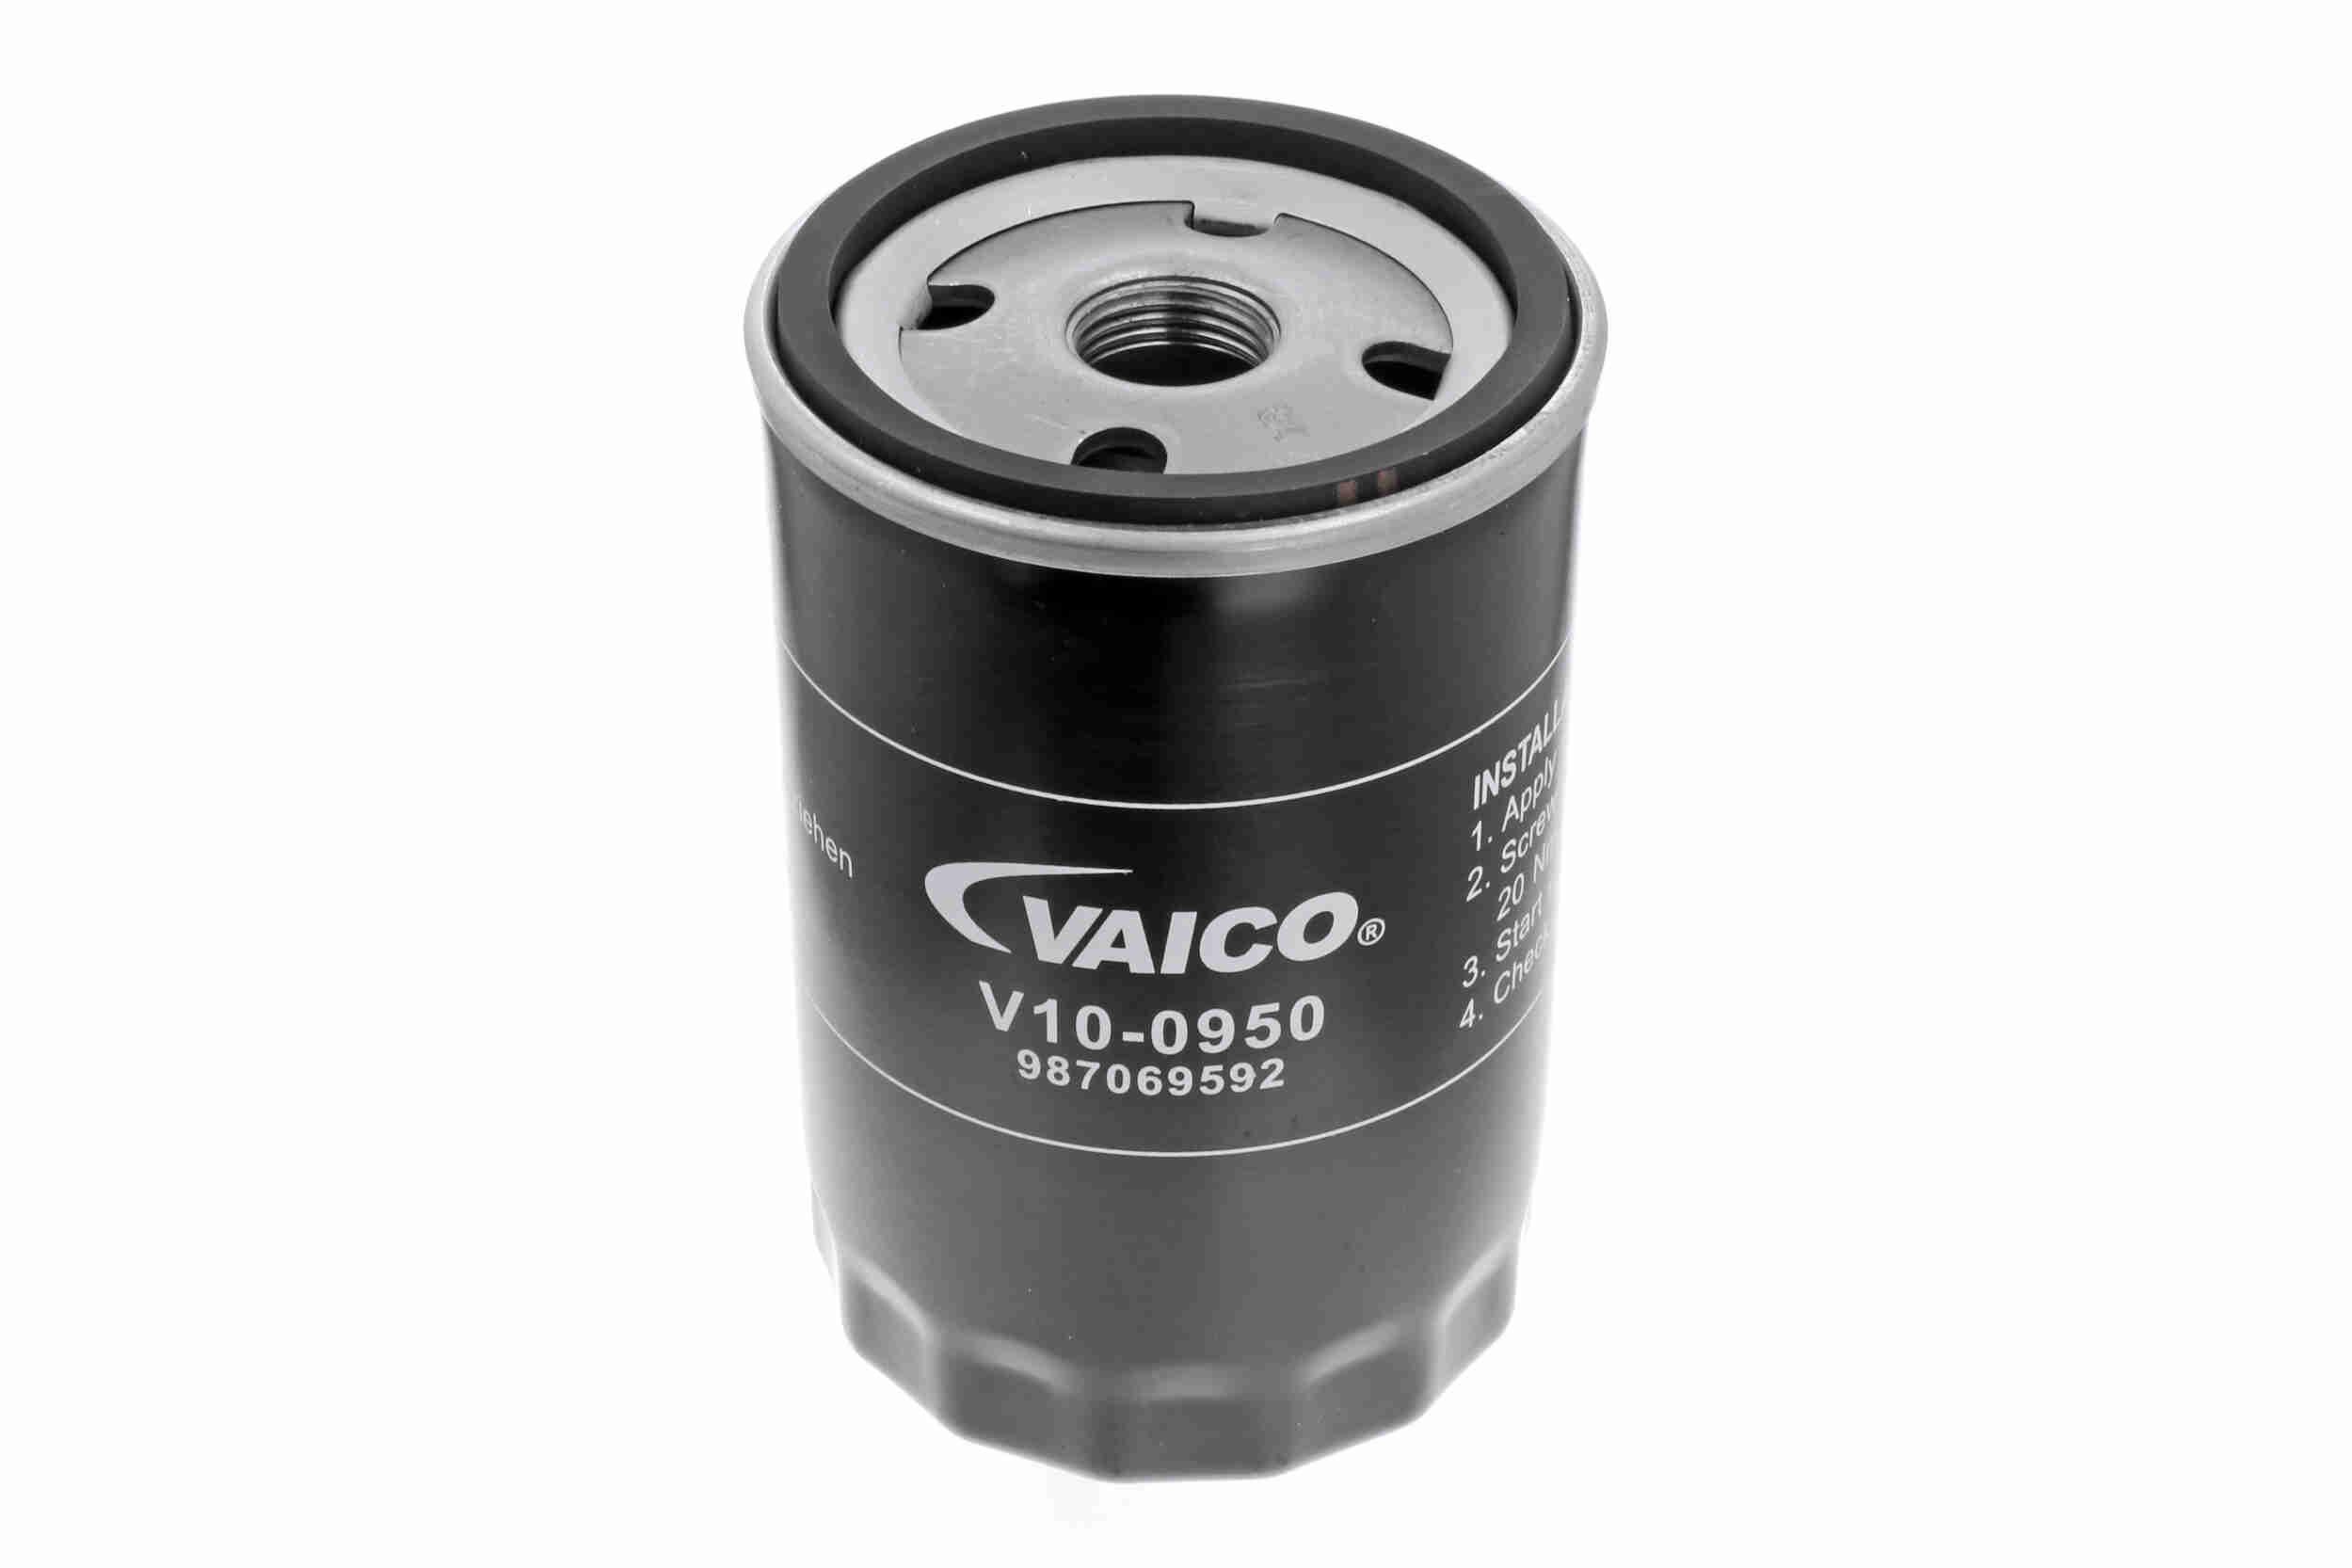 Motorölfilter V10-0950 VAICO V10-0950 in Original Qualität